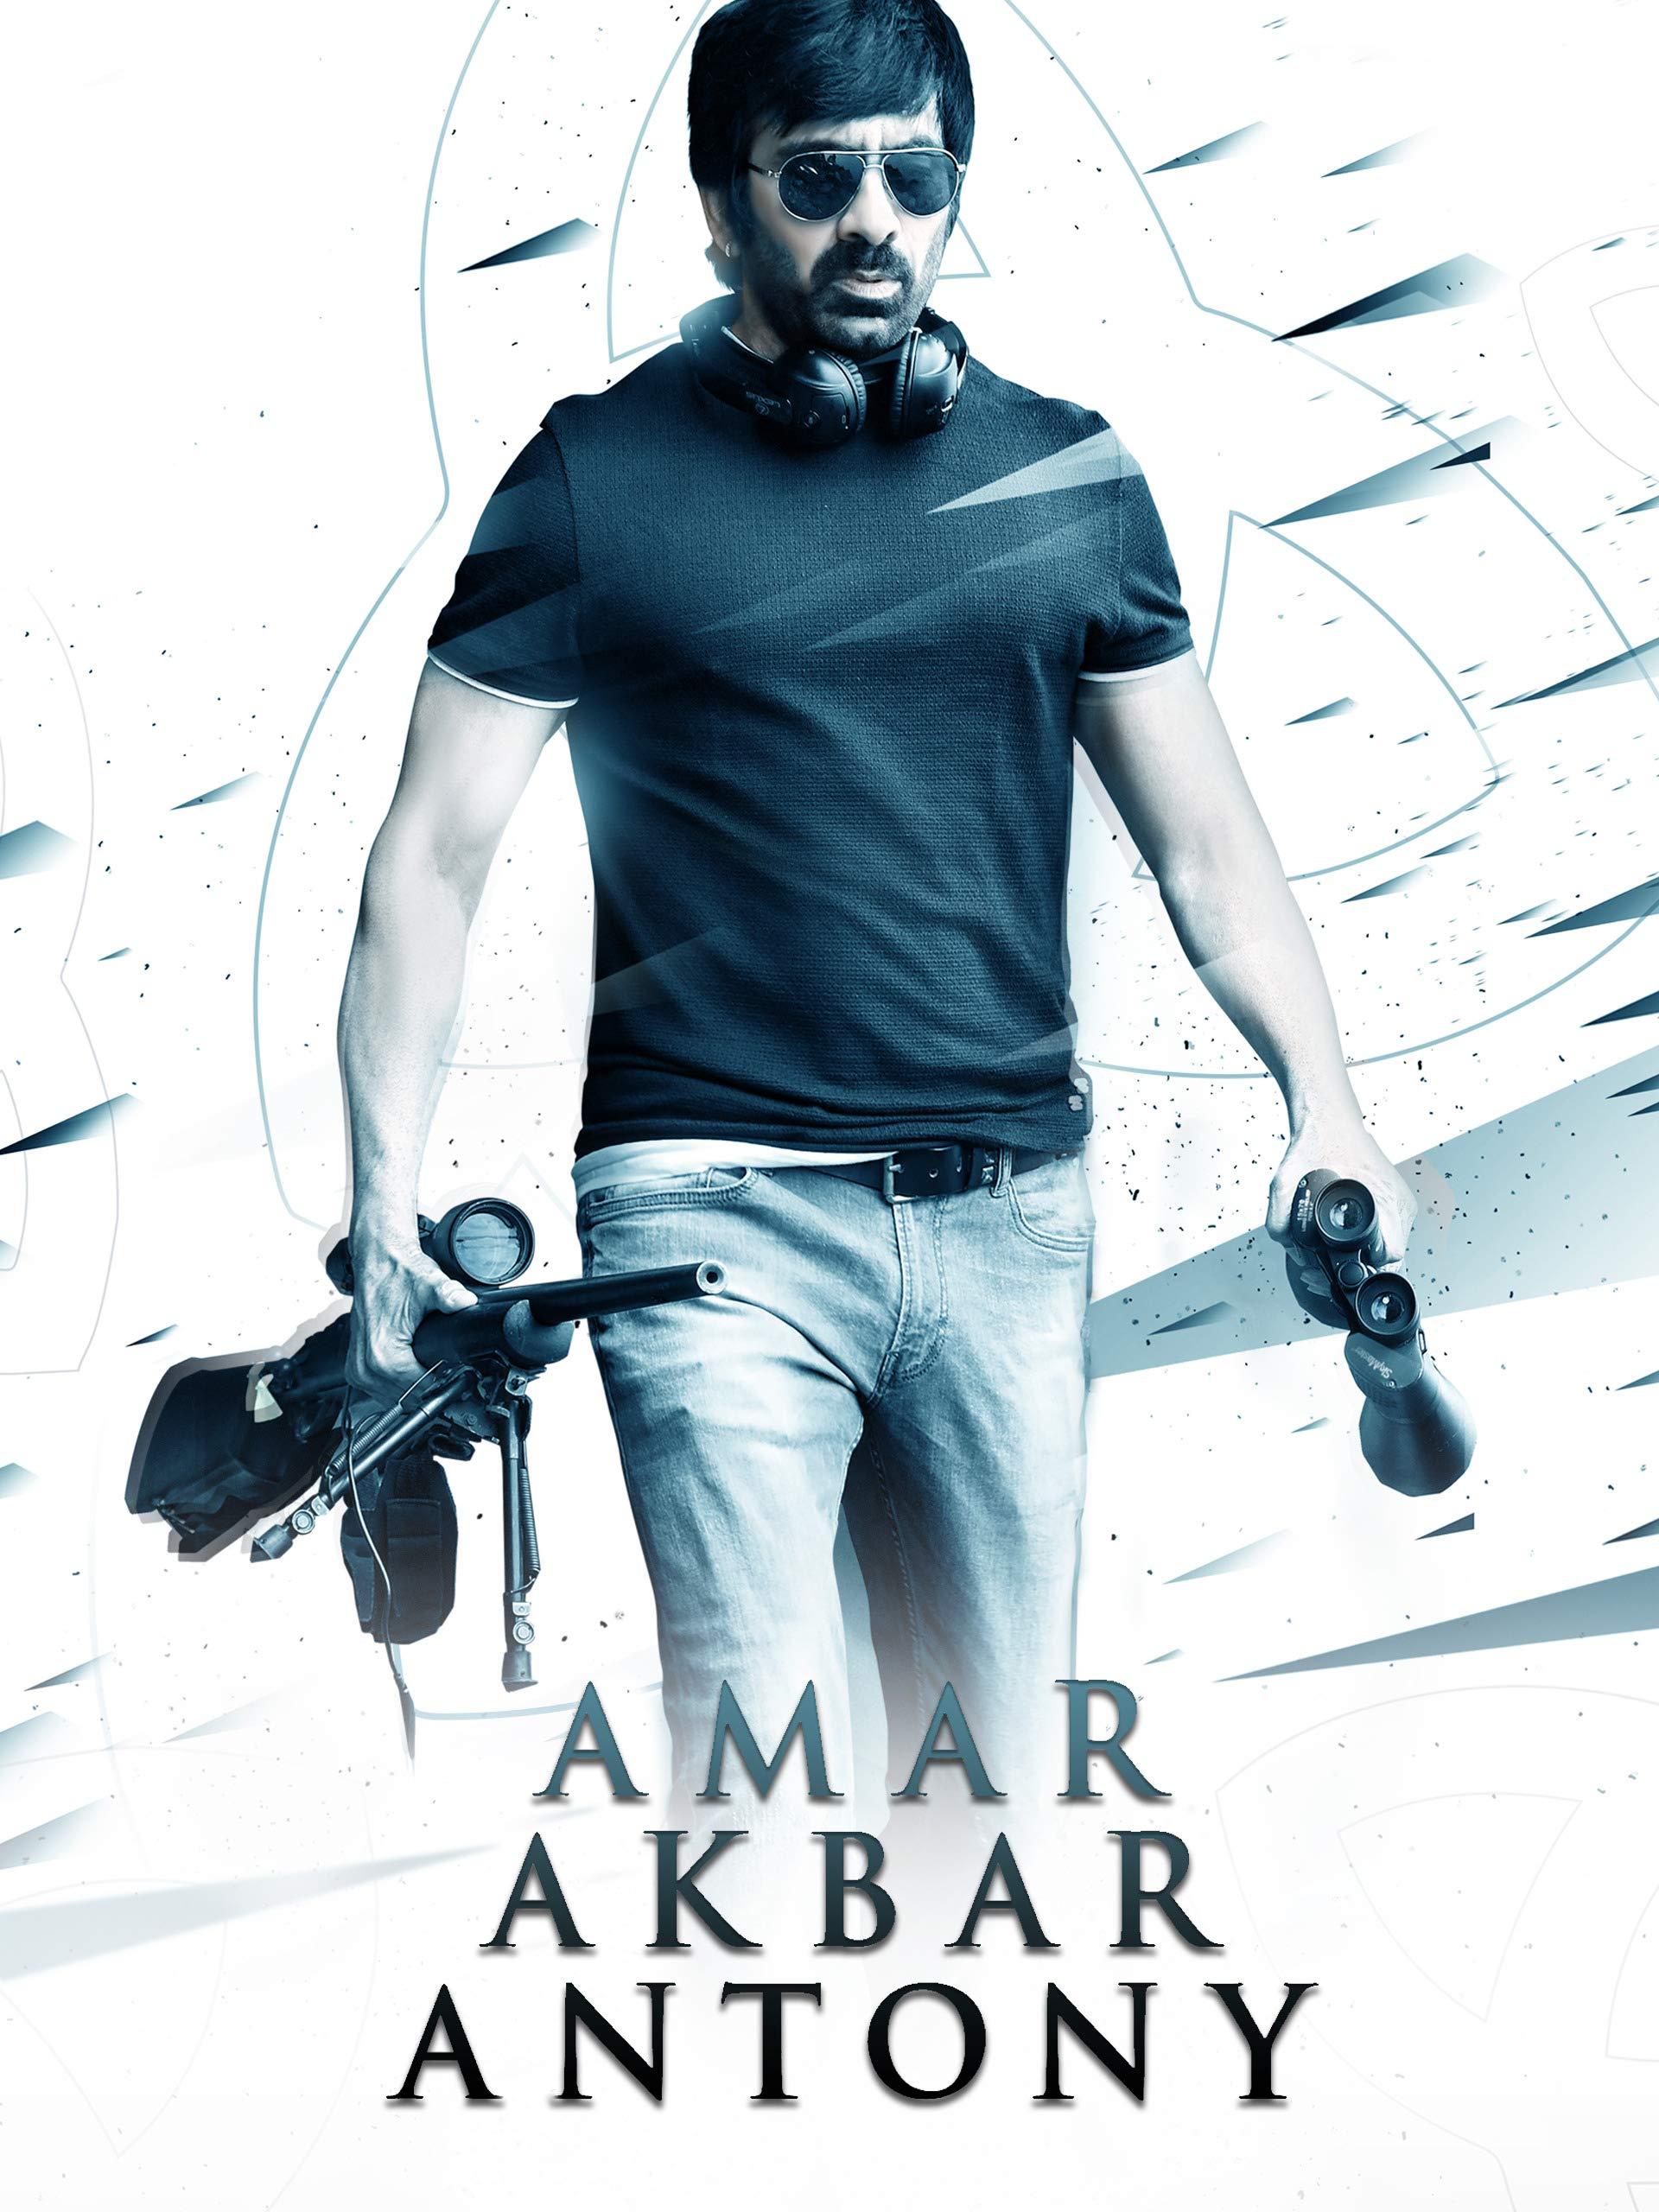 Amar Akbar Anthony (4K UHD)